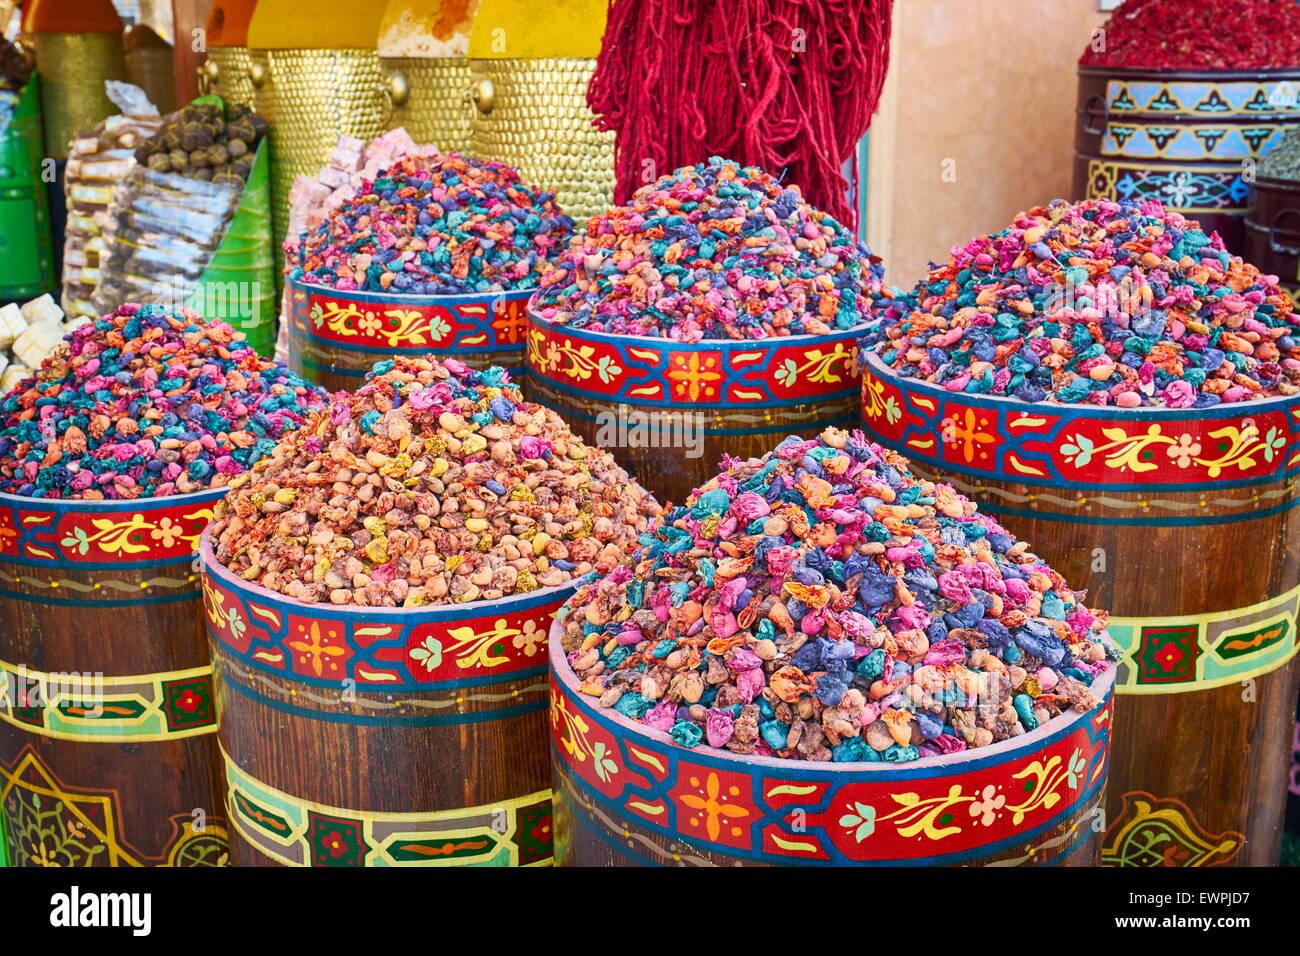 Hierbas y especias locales tradicionales, Marruecos, África Imagen De Stock